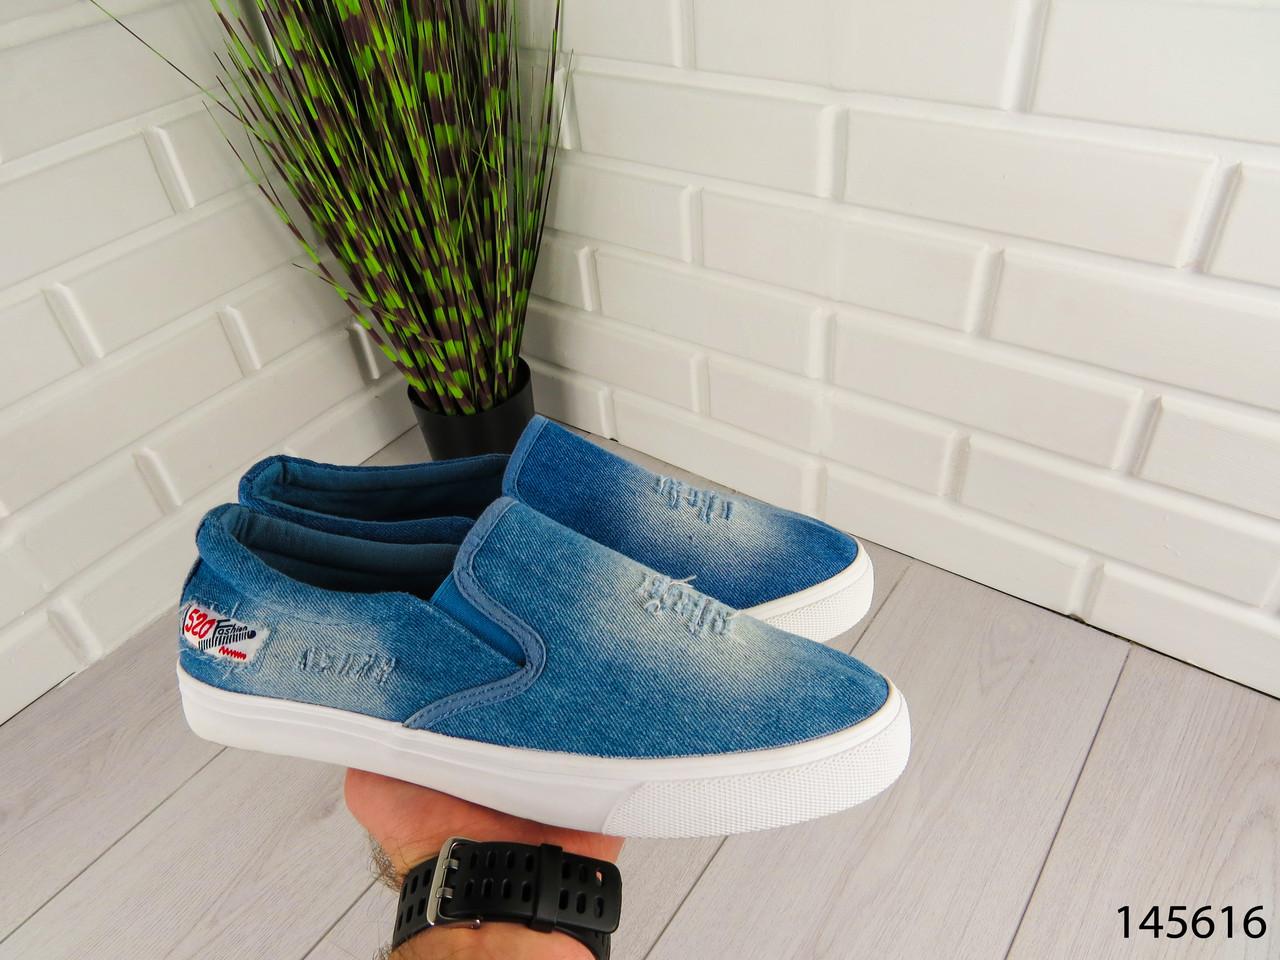 """Мокасины, кроссовки, кеды синие """"Sentry"""" текстиль, повседневная, удобная, весенняя, мужская обувь"""